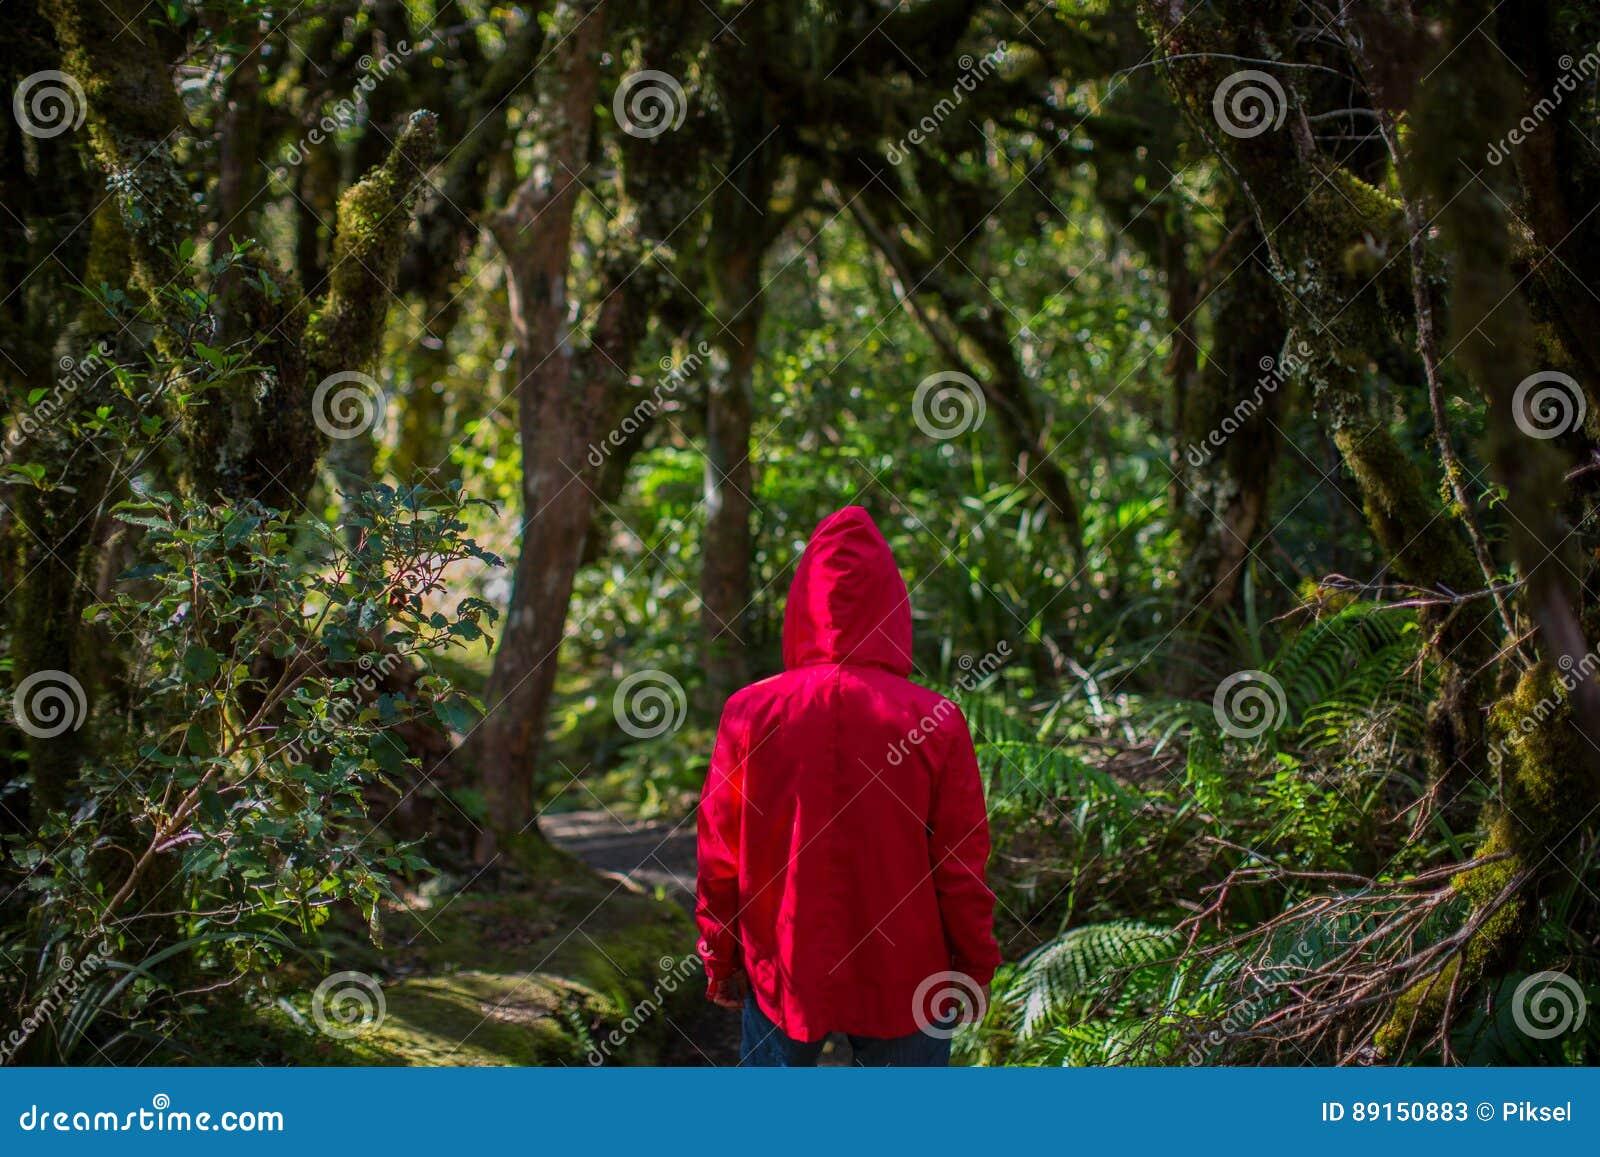 Homme dans la forêt, Nouvelle-Zélande